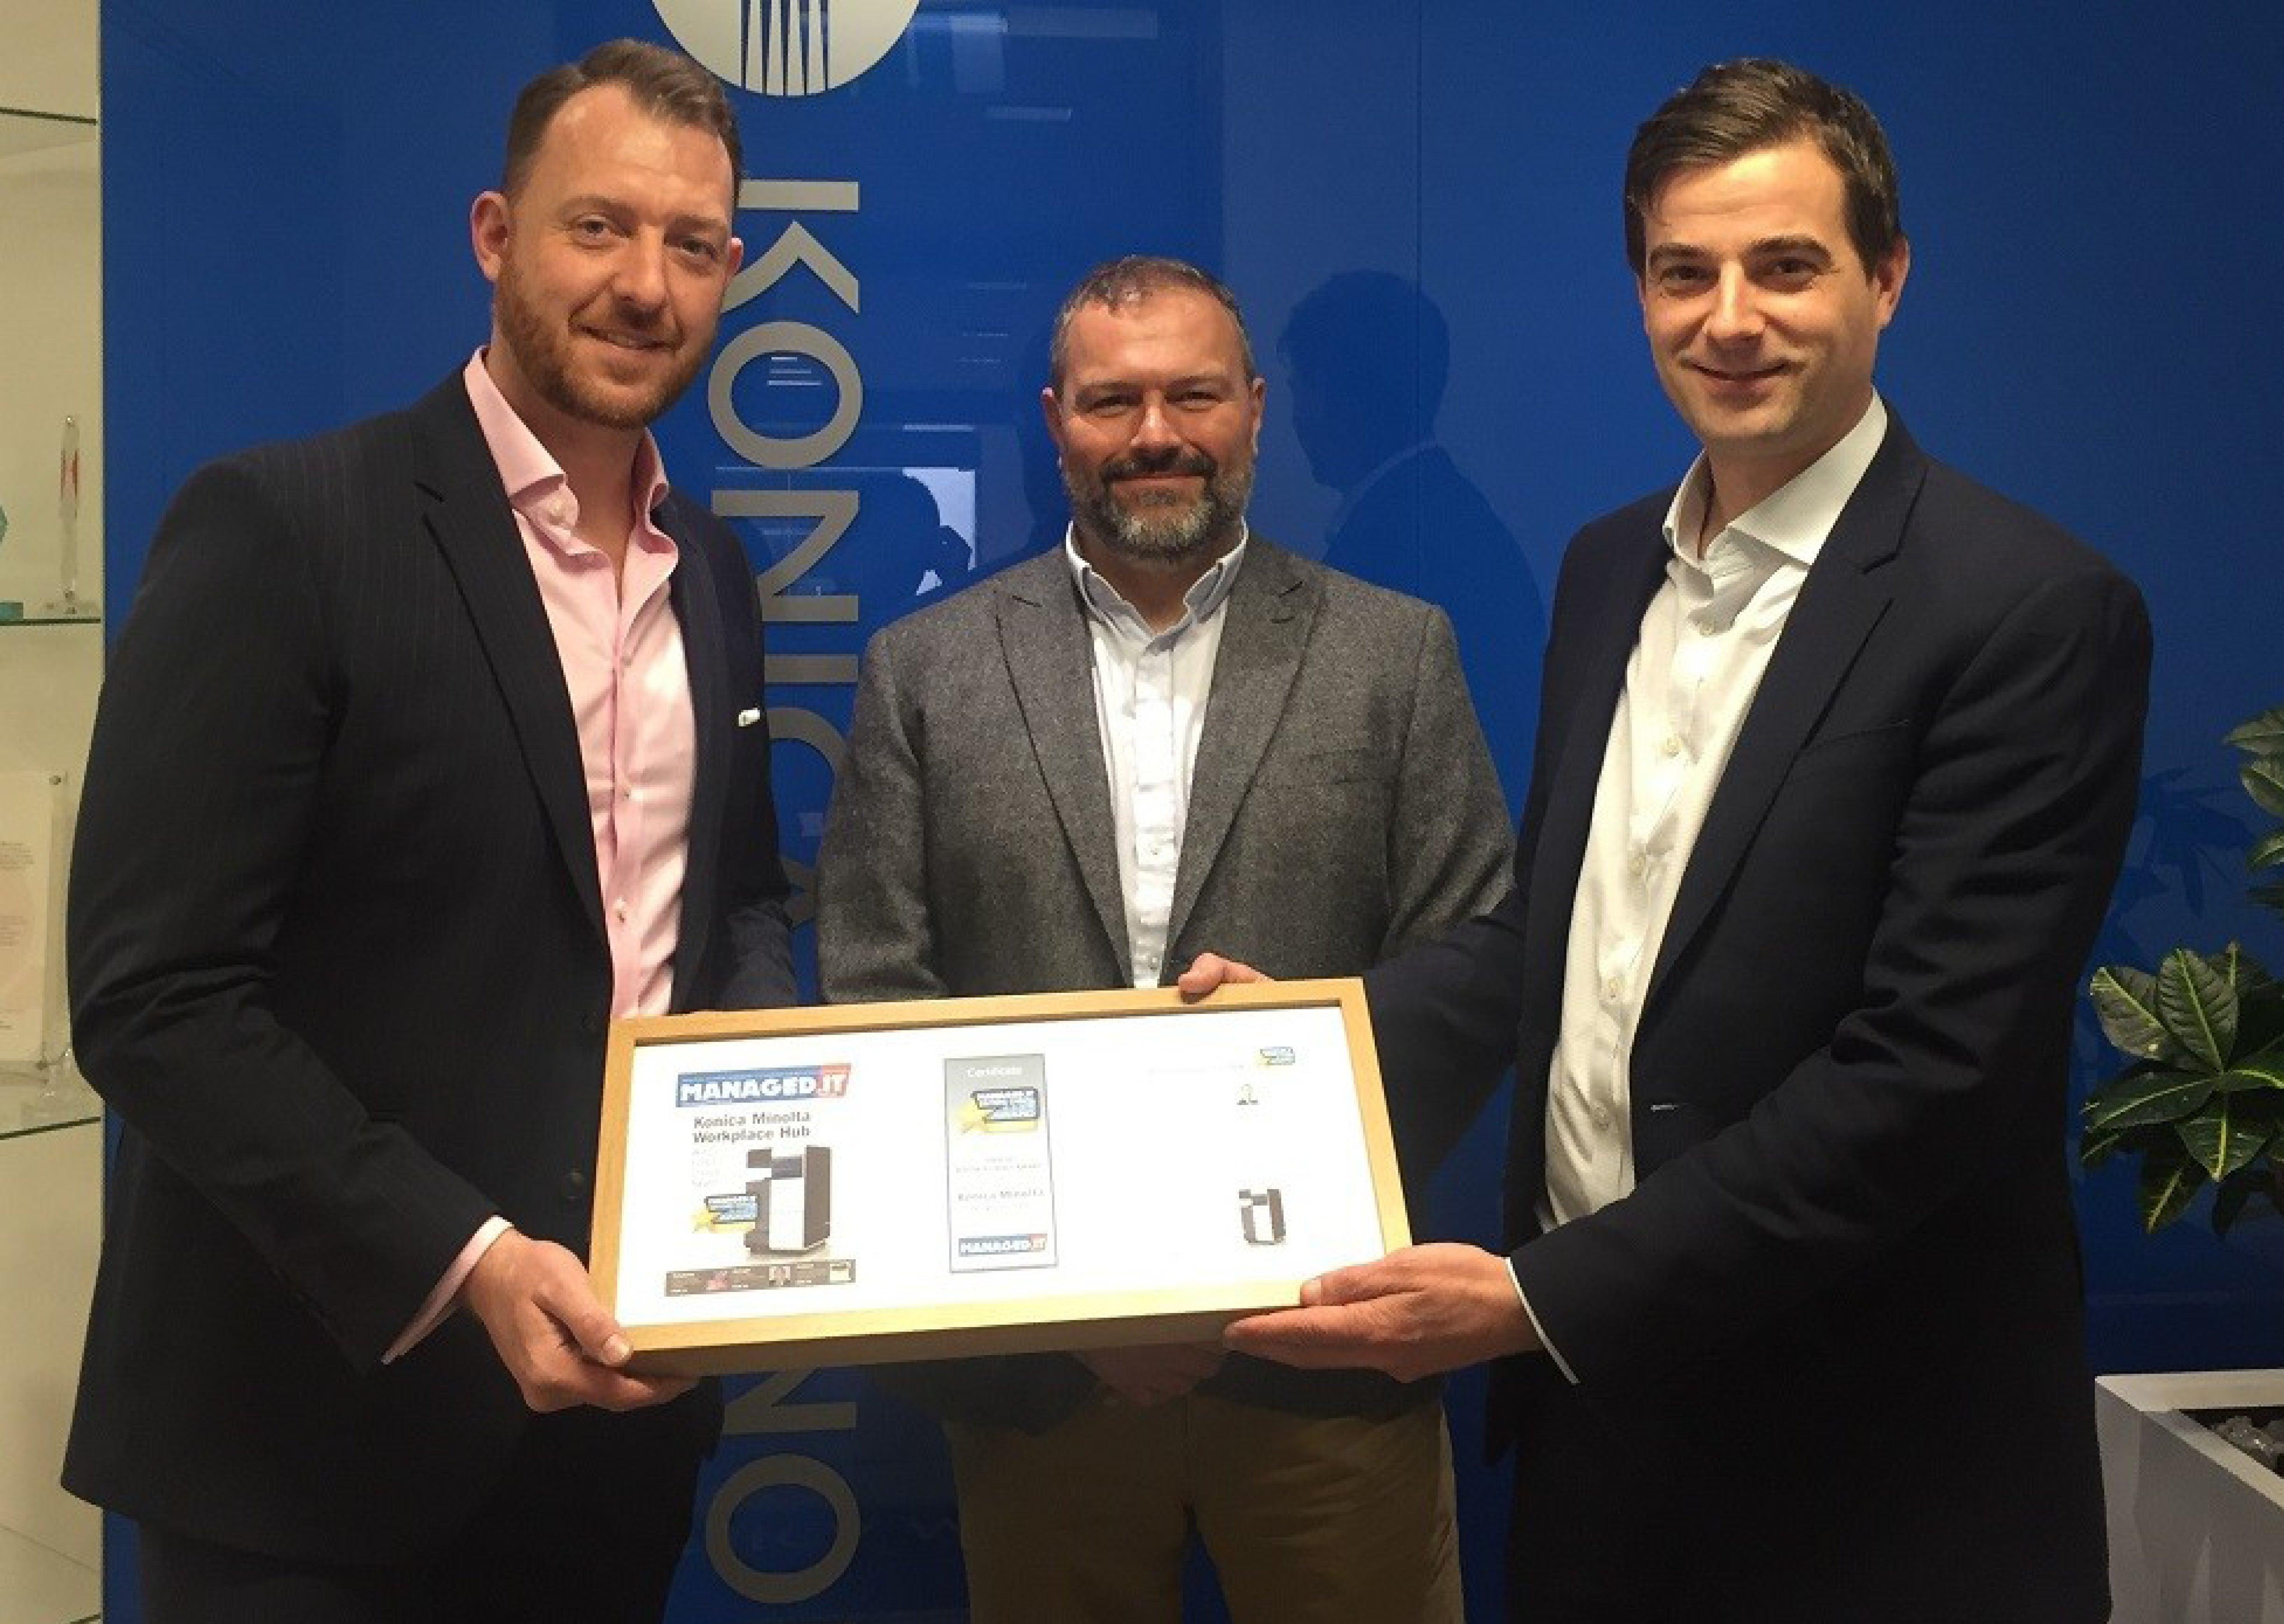 Soluția Workplace Hub de la Konica Minolta premiată cu distincția Editor's Choice